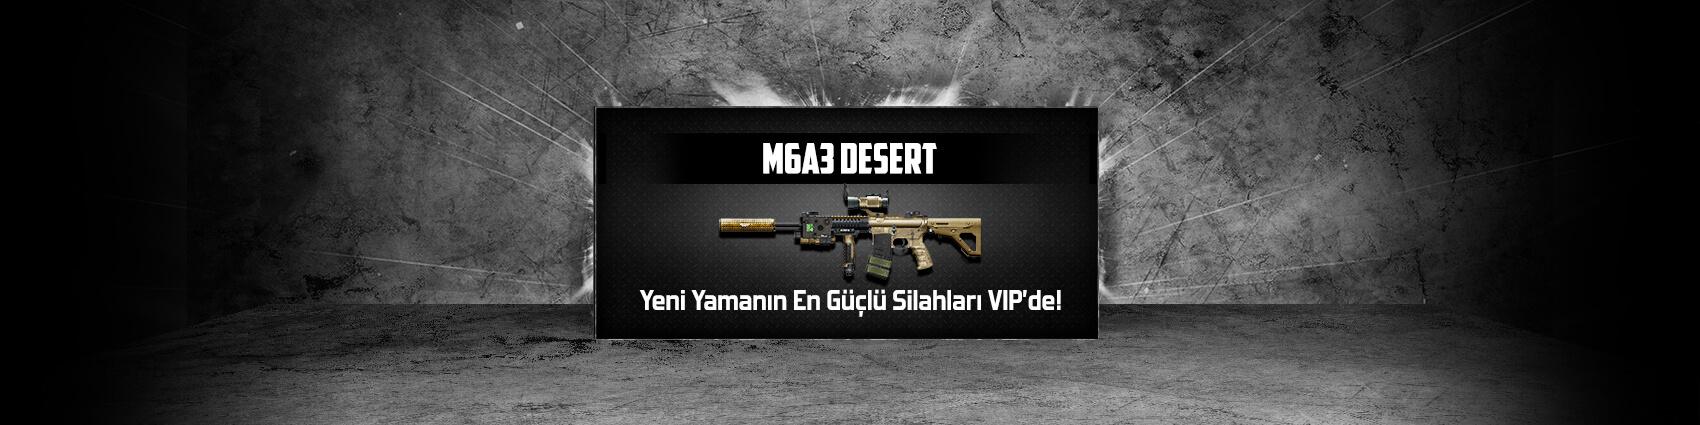 M6A3 Desert